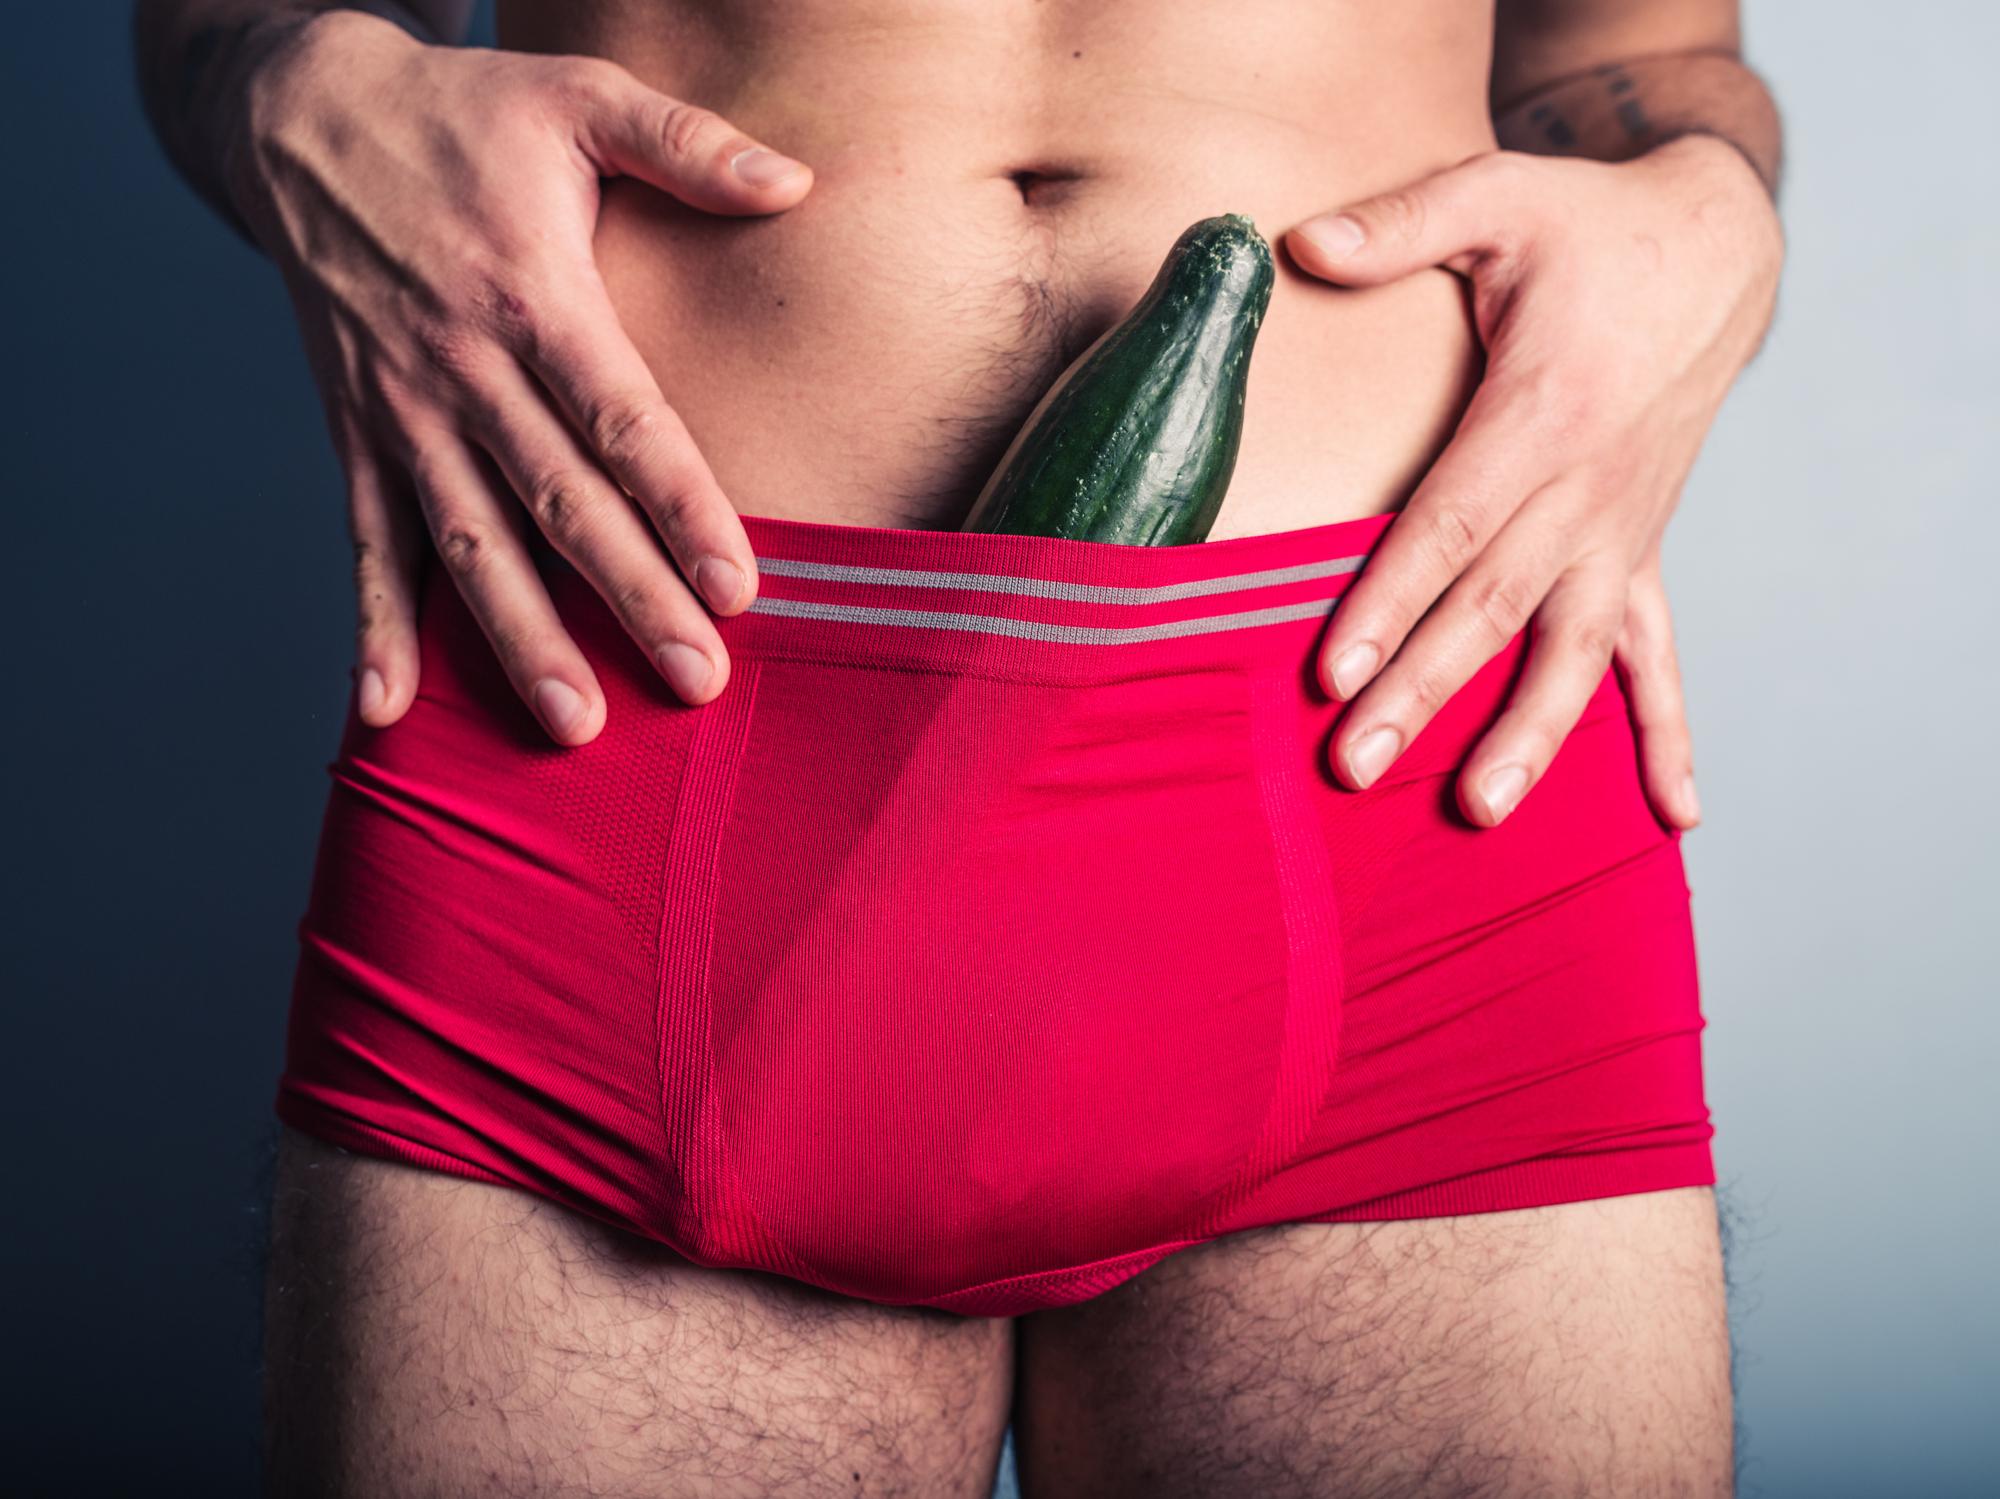 az erekciós táplálkozás javítása érdekében amit egy férfi merevedés közben tapasztal